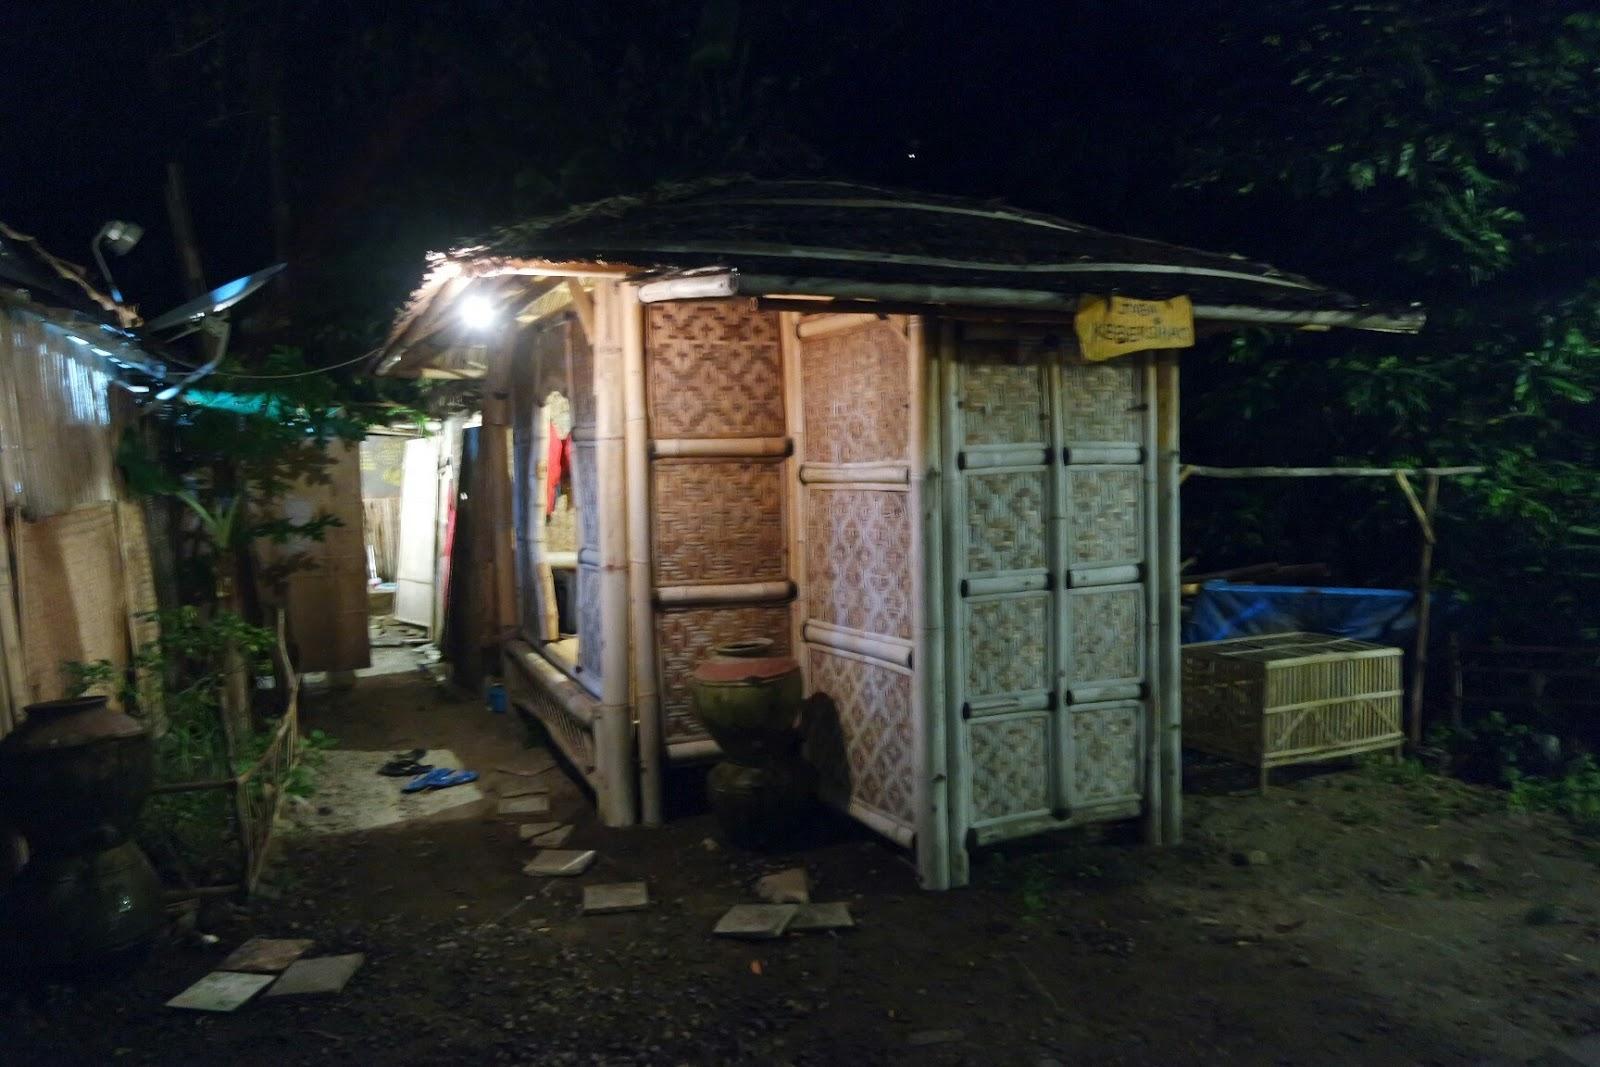 Kedai Wedangan Watu Lumbung Sesuai Namanya Tidak Nyantai Ngopi Asik